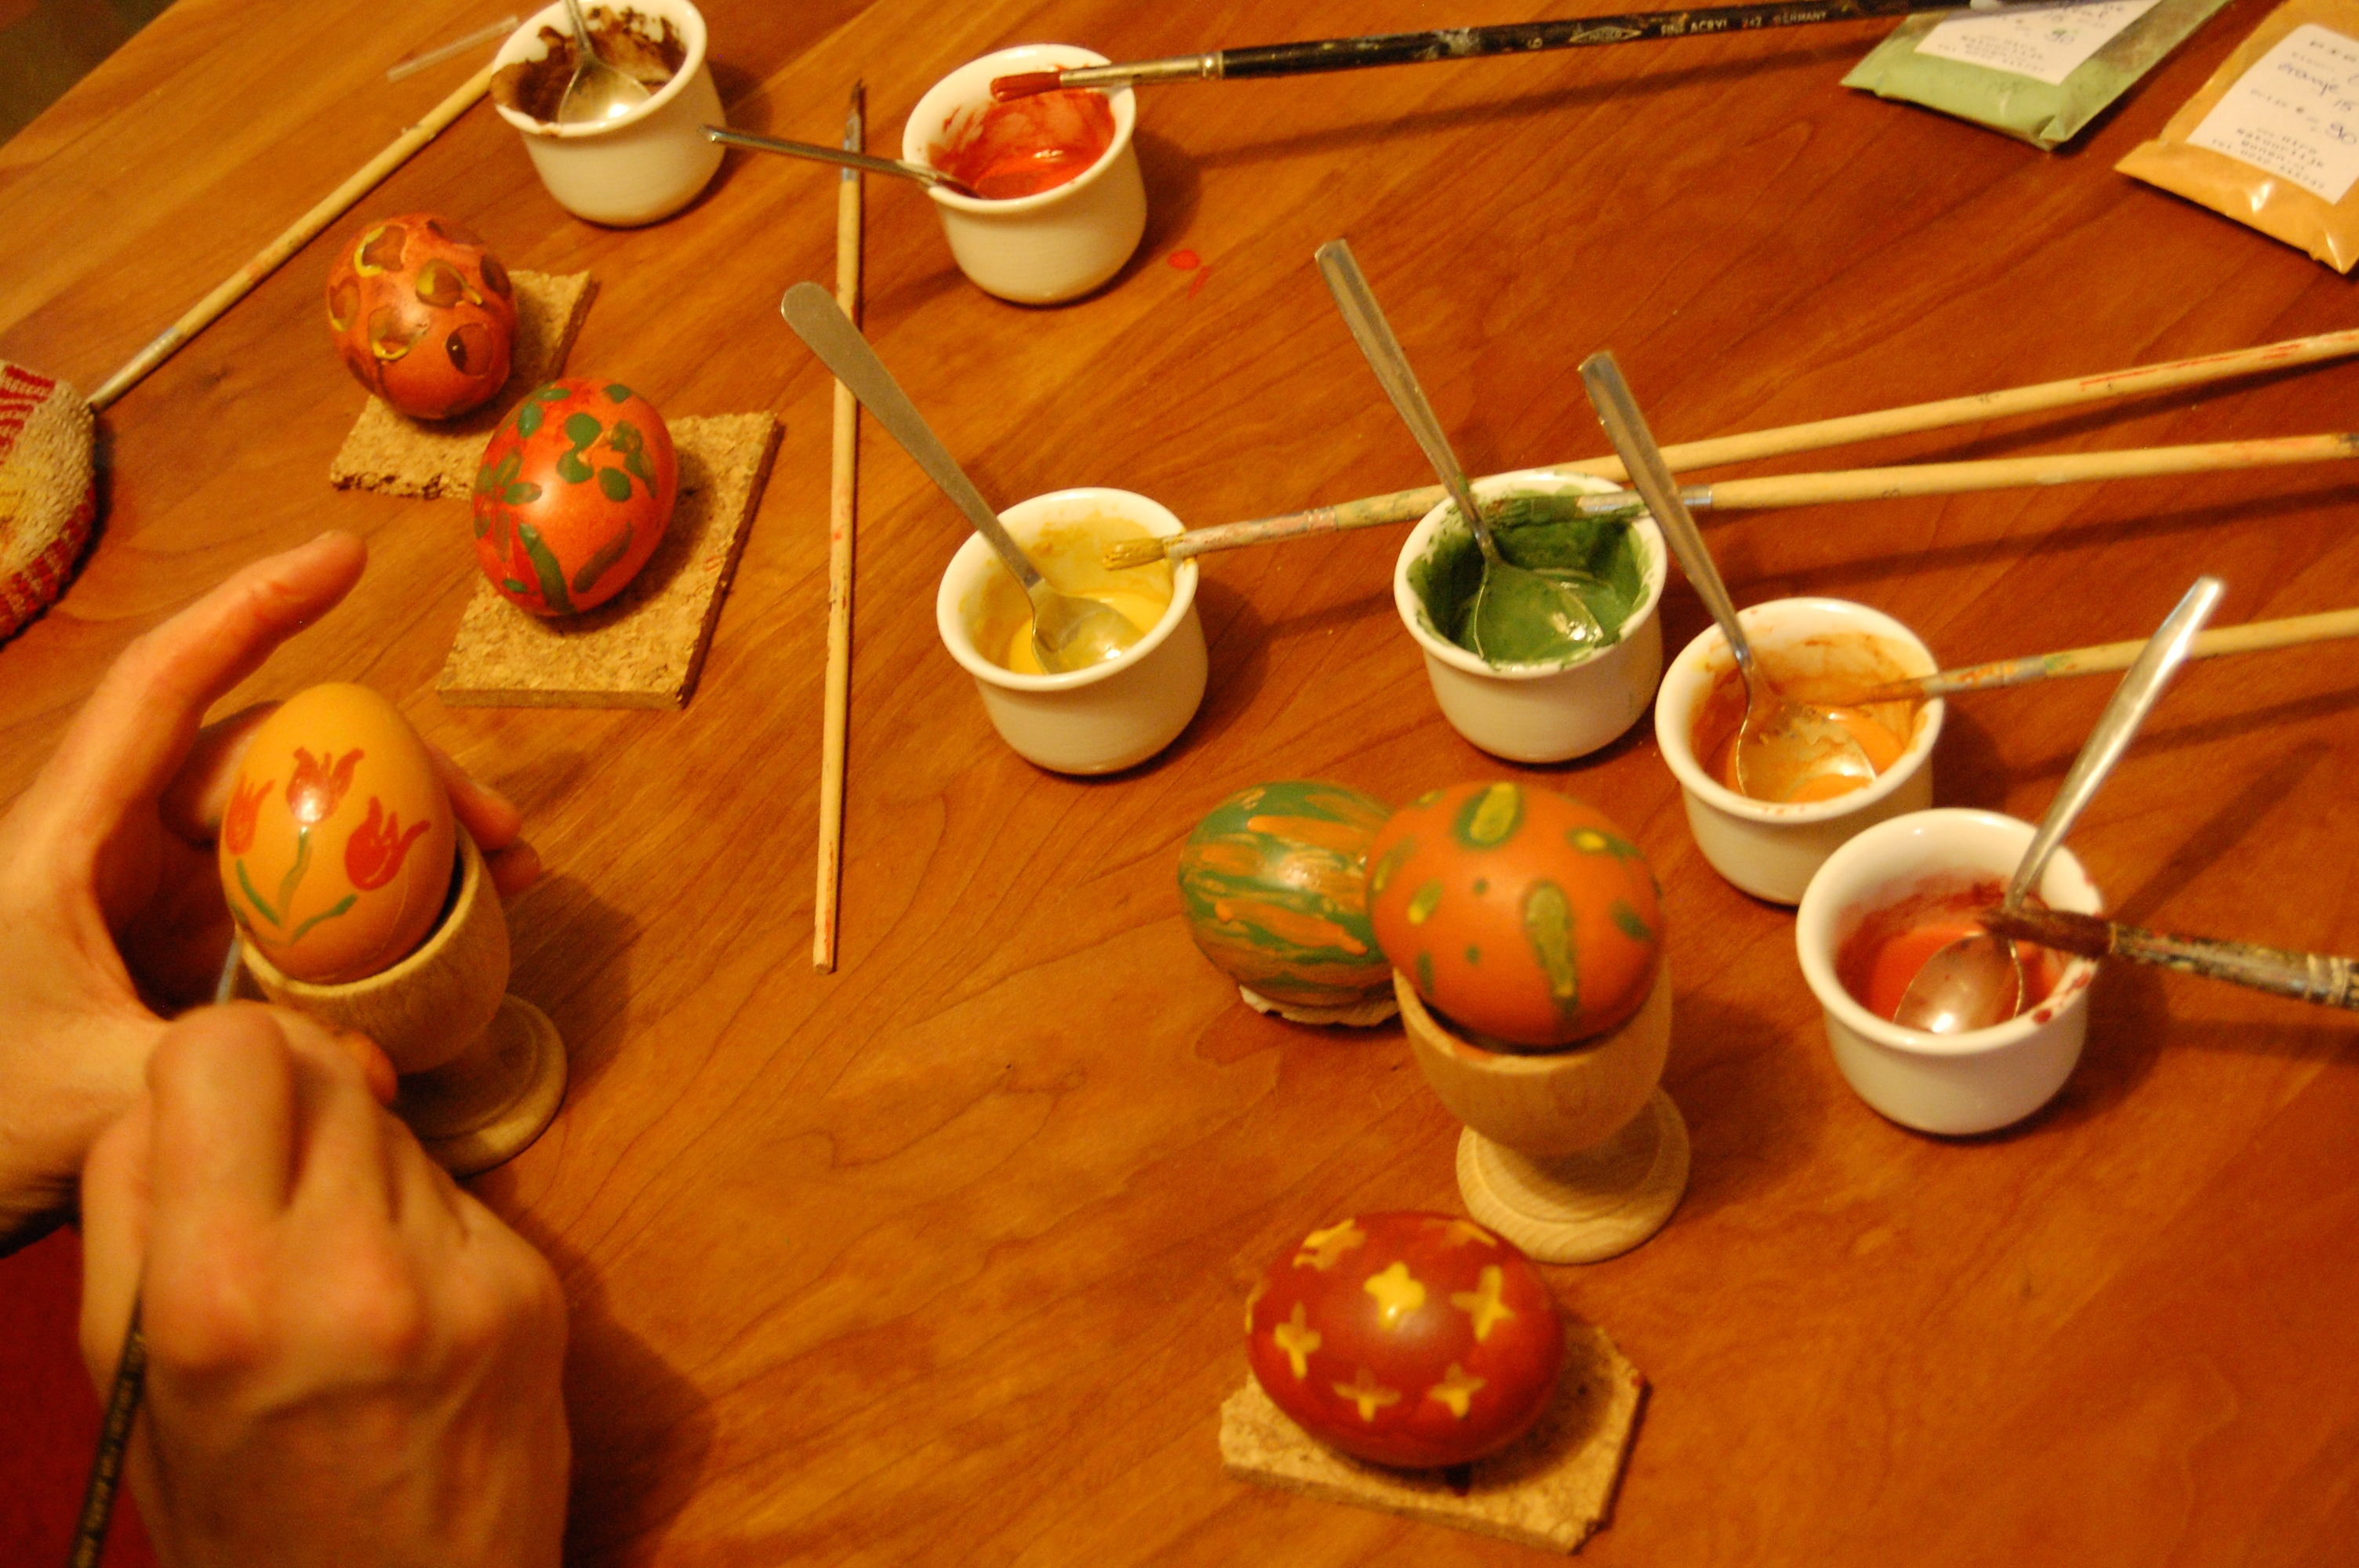 Hiro Paaseierverf set met 5 kleuren en gebruiksaanwijzing